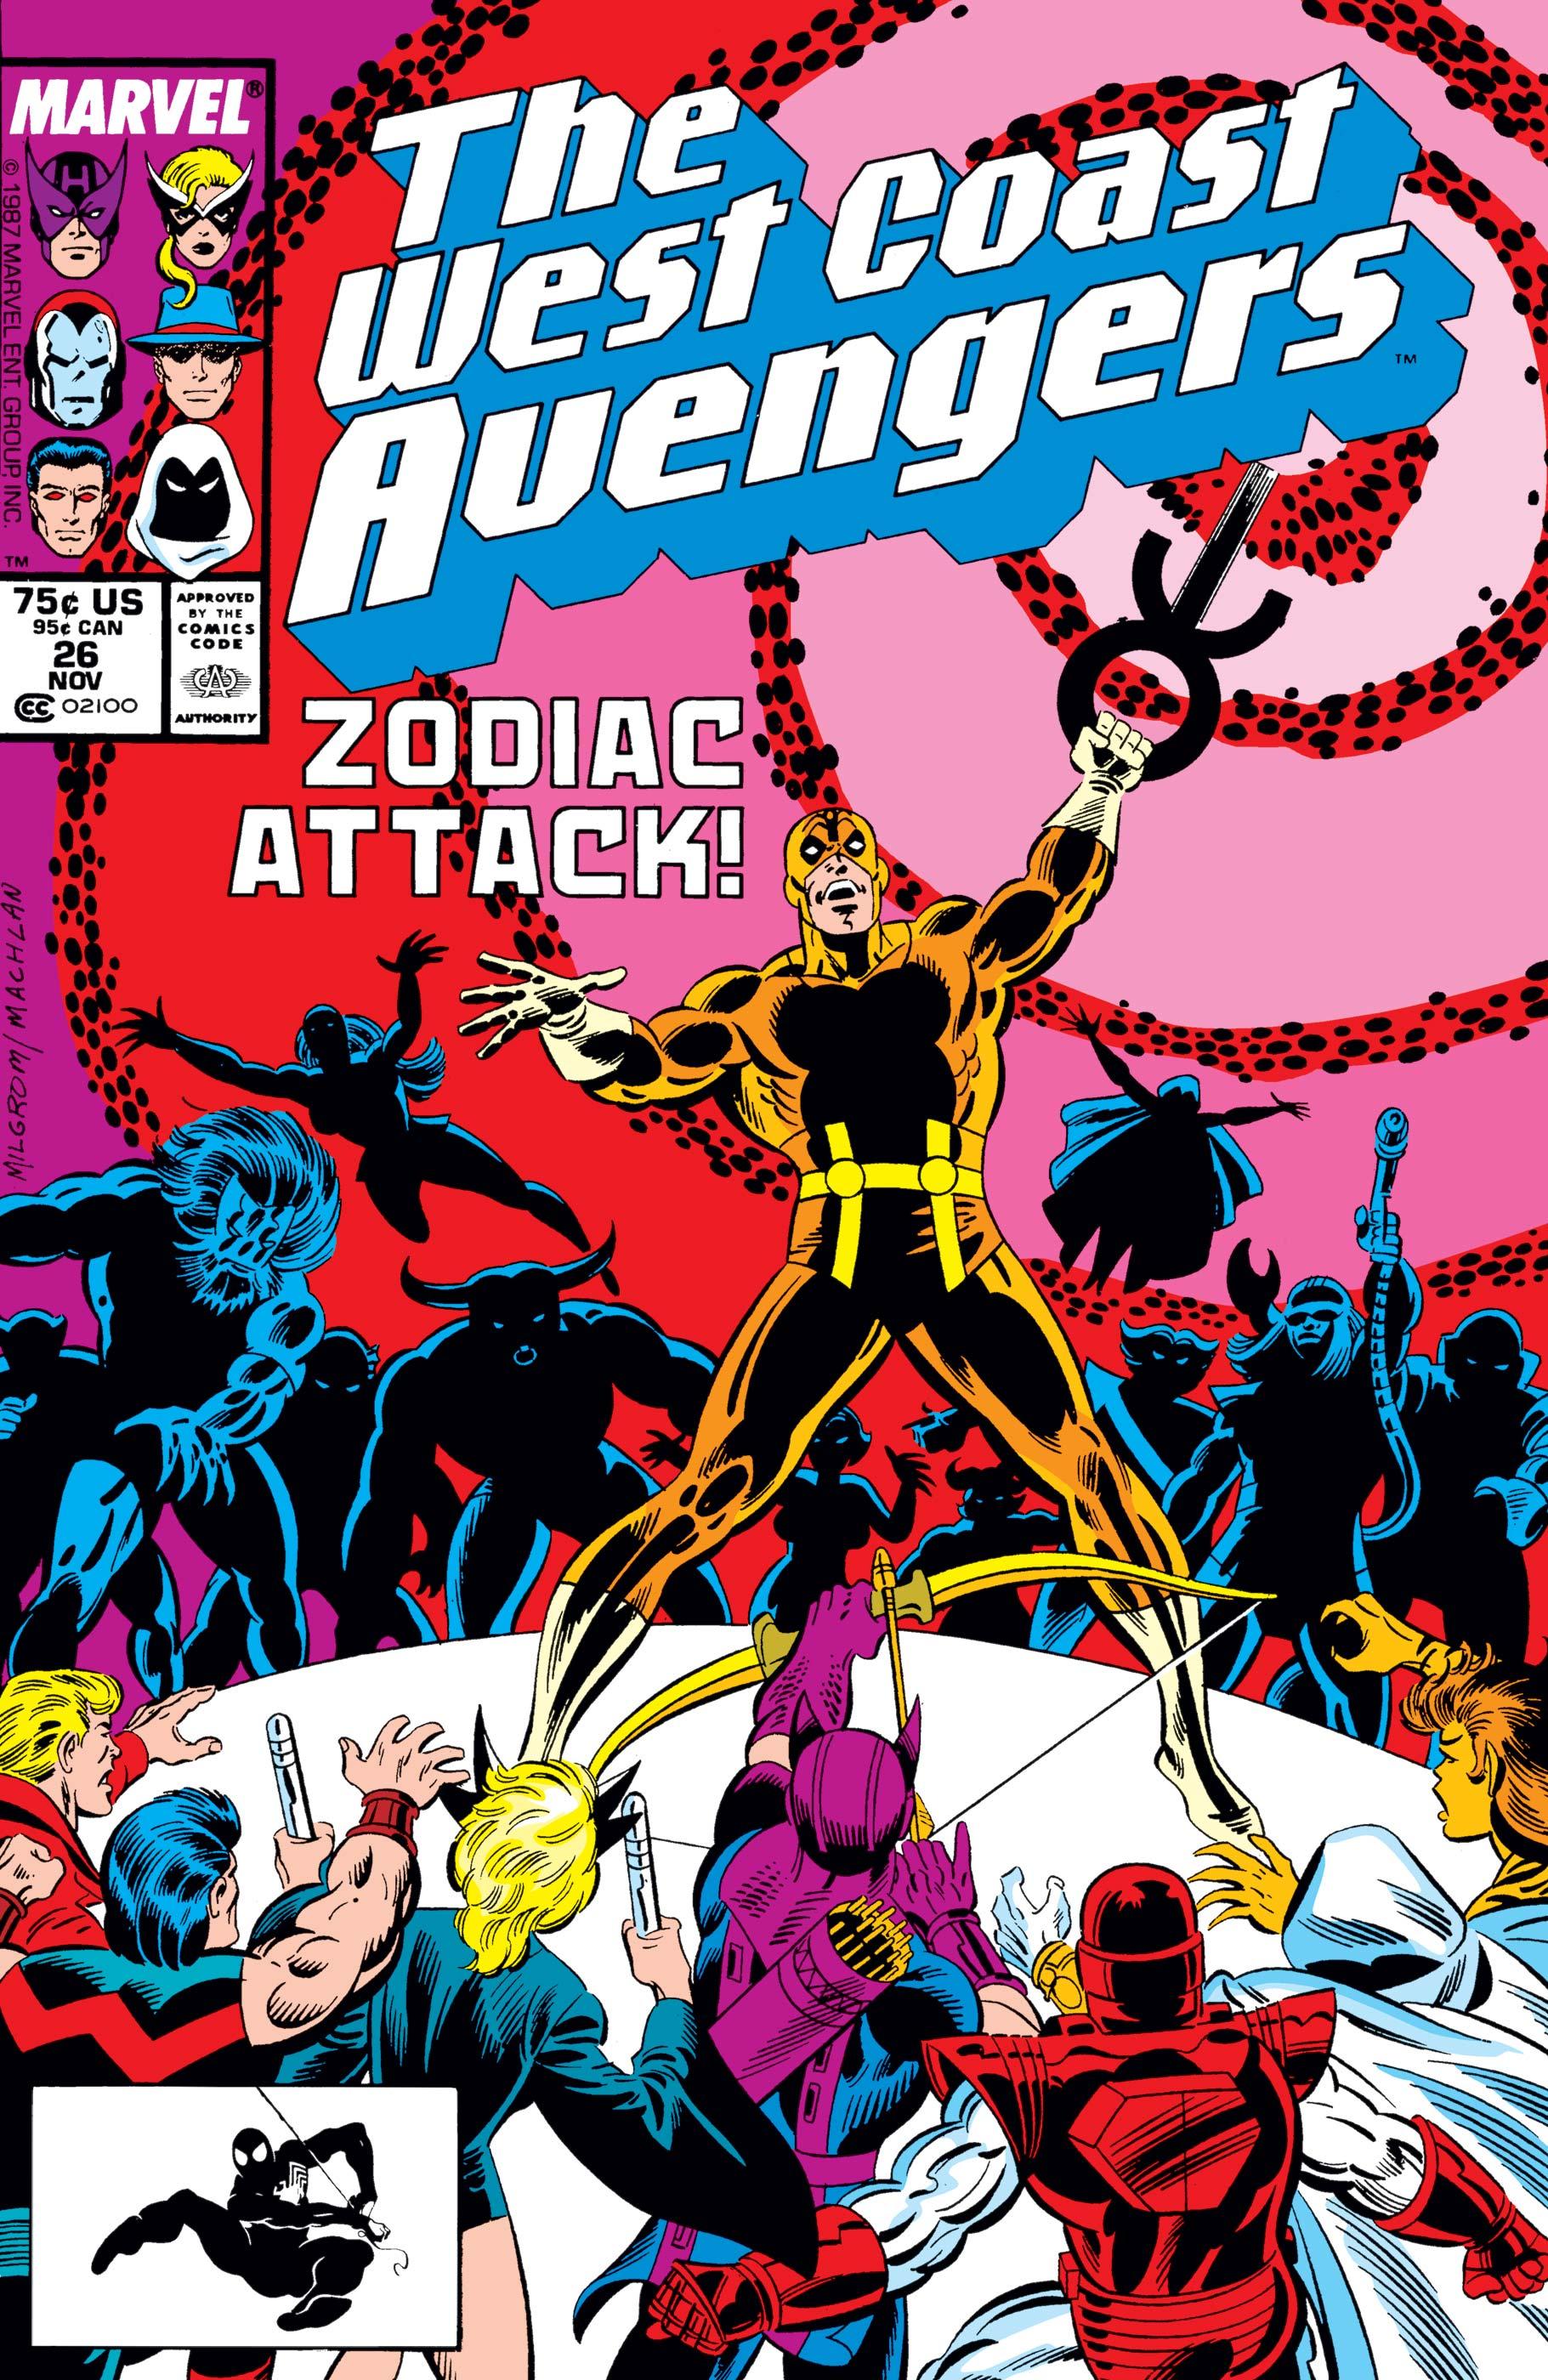 West Coast Avengers (1985) #26